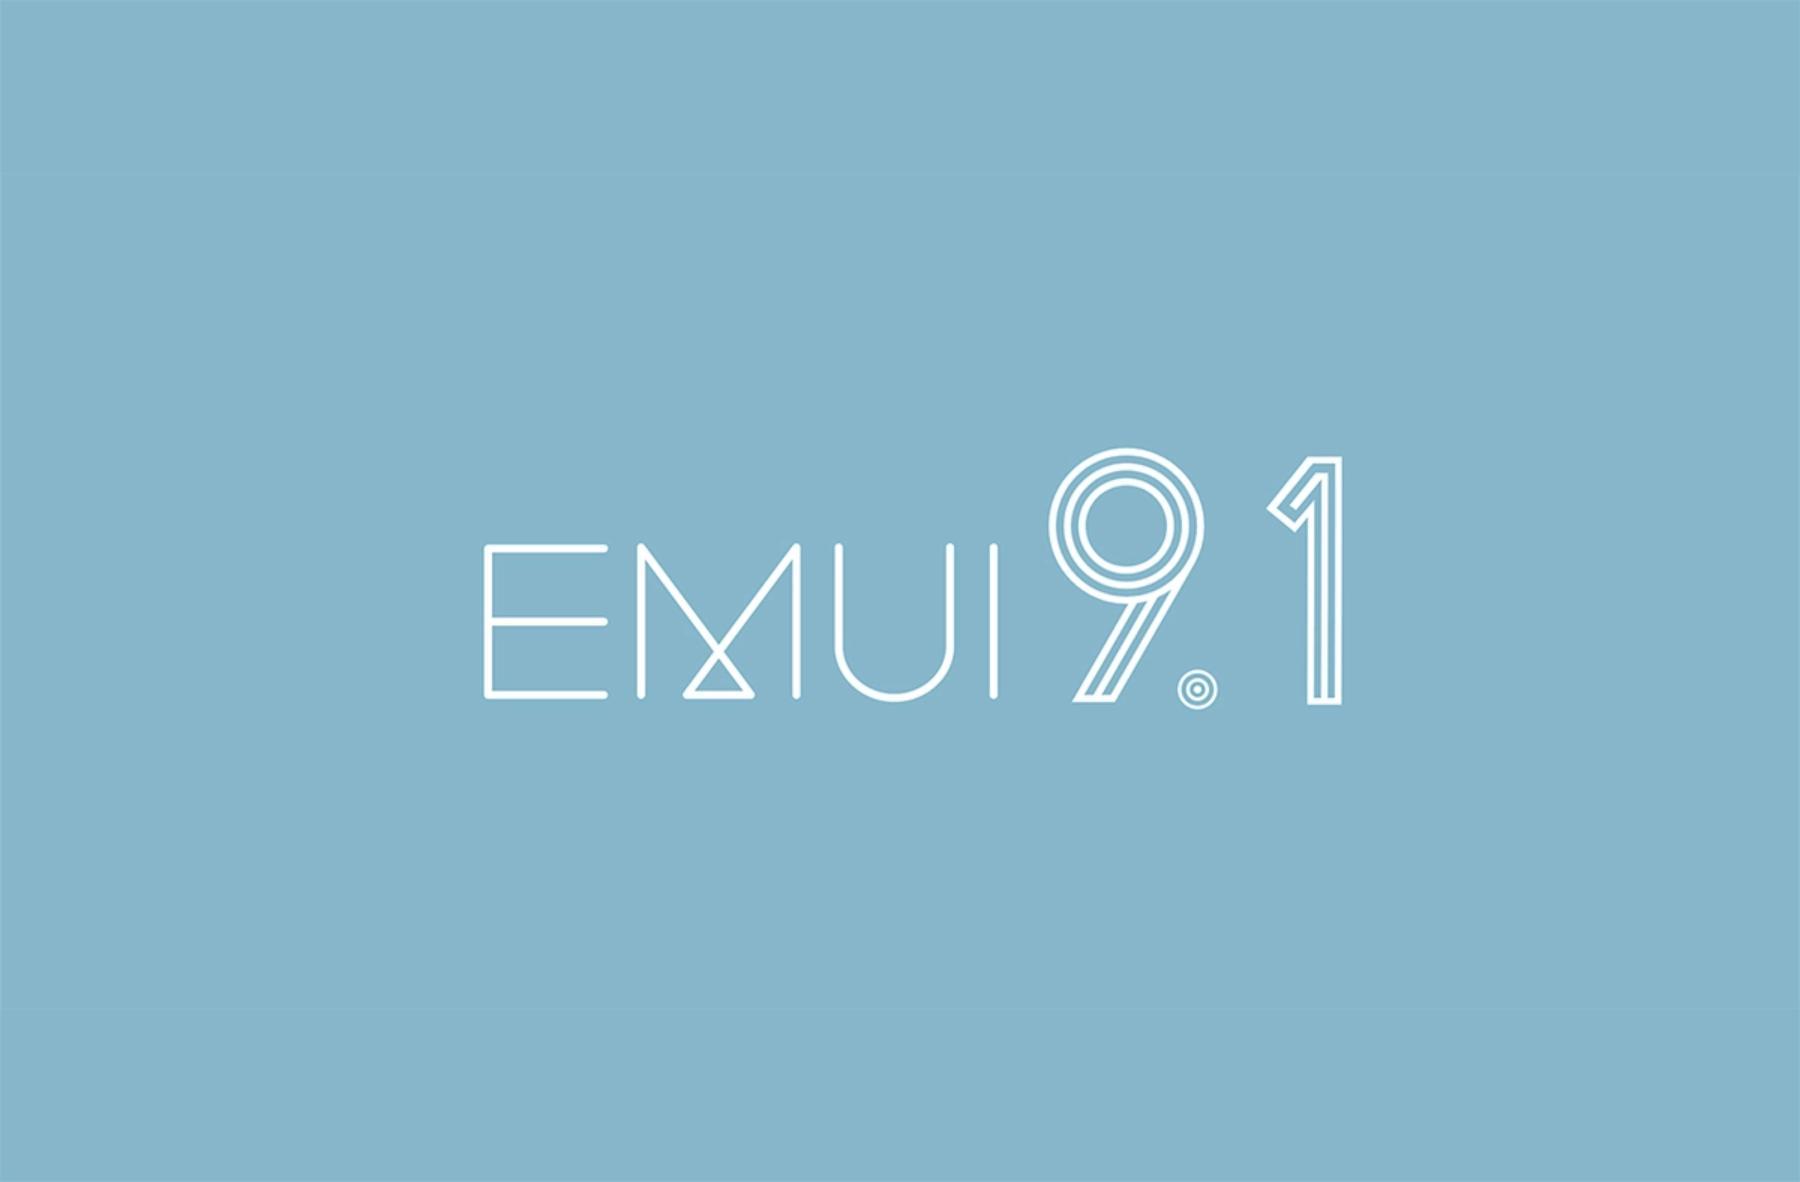 На12 устройств Huawei начала раздавать бета версию прошивки сEMUI 9.1